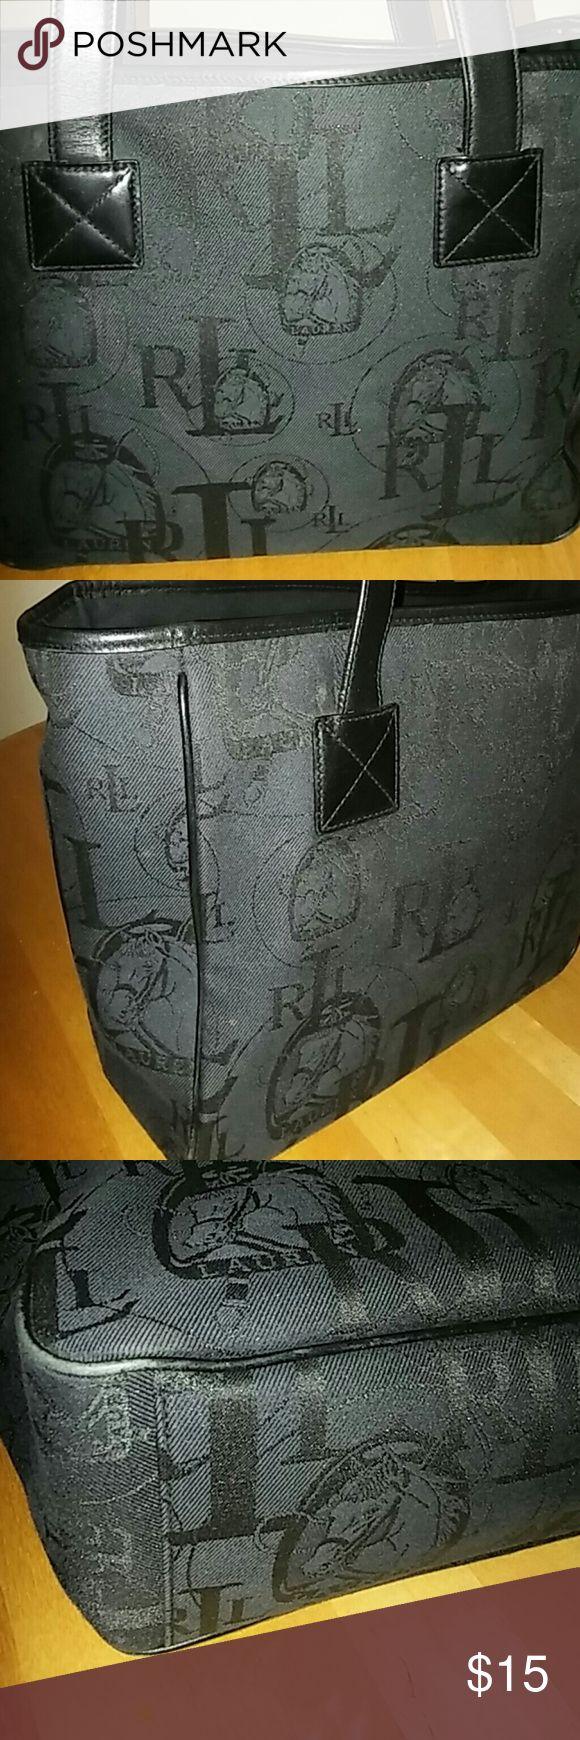 Ralph Lauren Tote Authentic Ralph Lauren Tote,  Canvas and Leather straps. Lauren Ralph Lauren Bags Totes